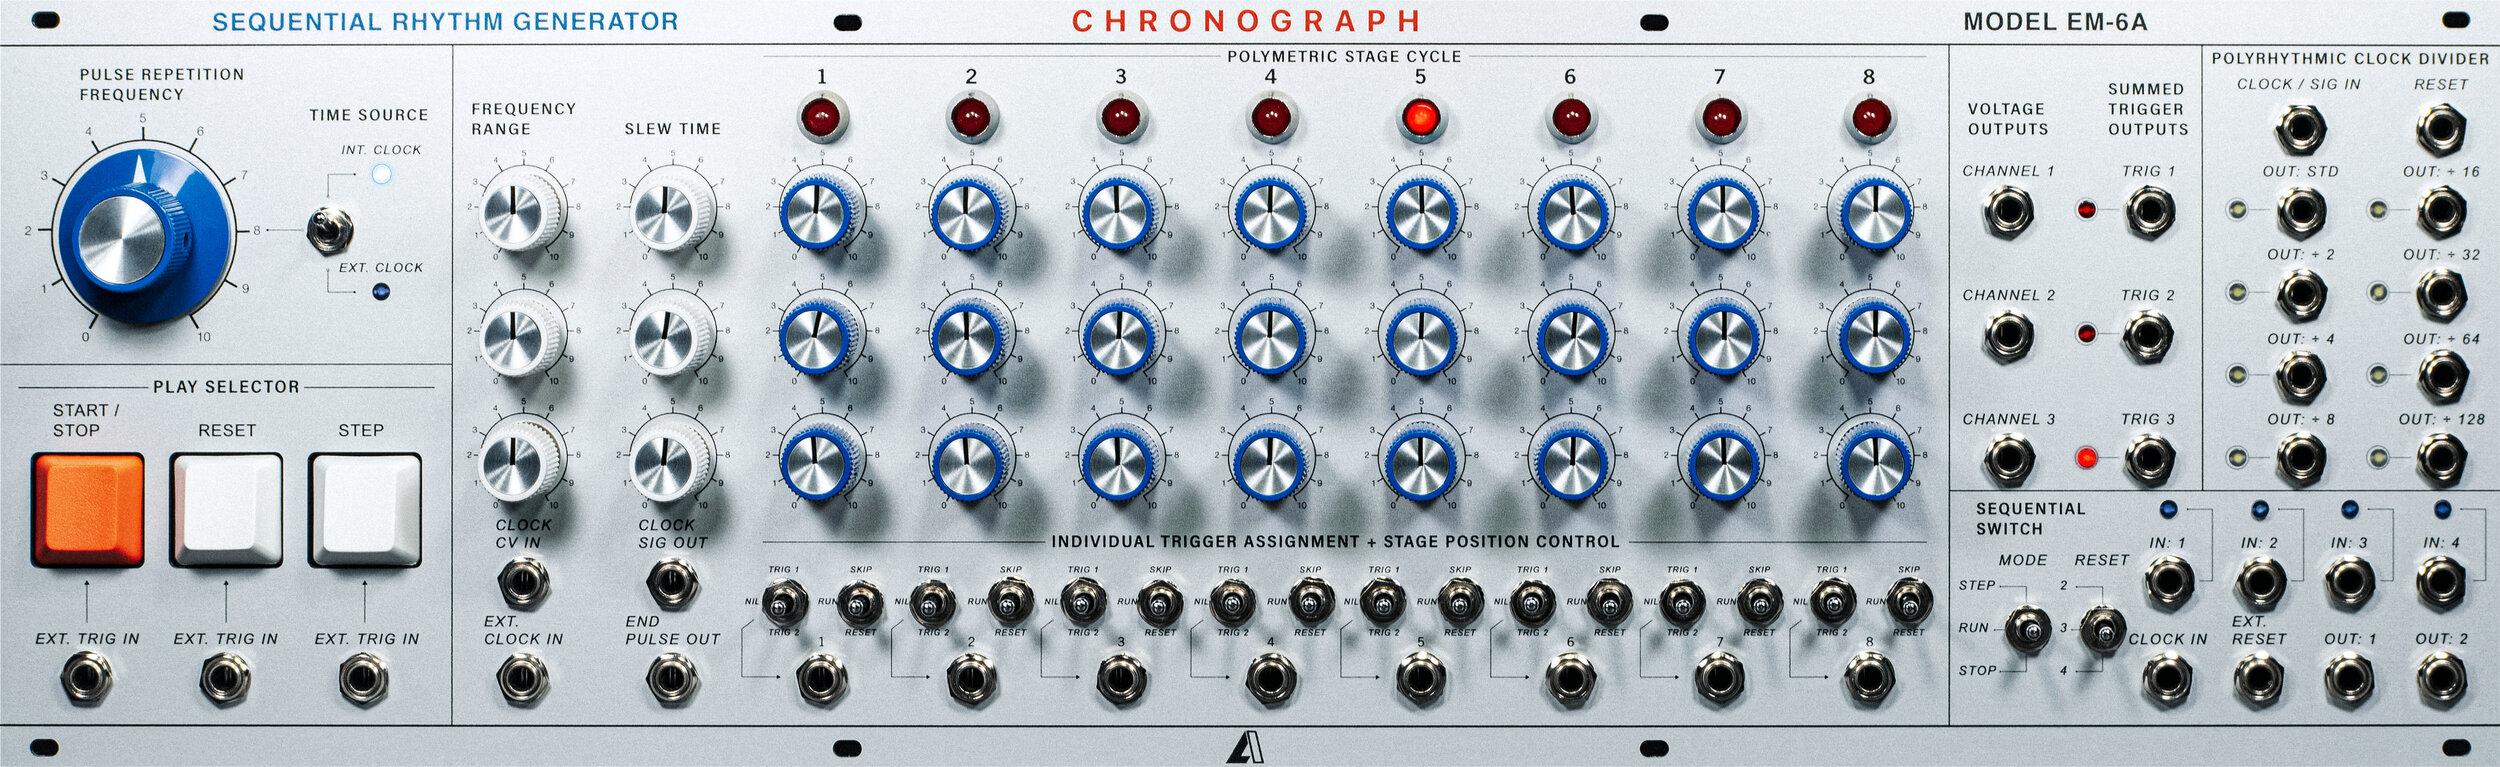 la-circuits-em-6a-chronograph-analog-step-sequencer.jpg